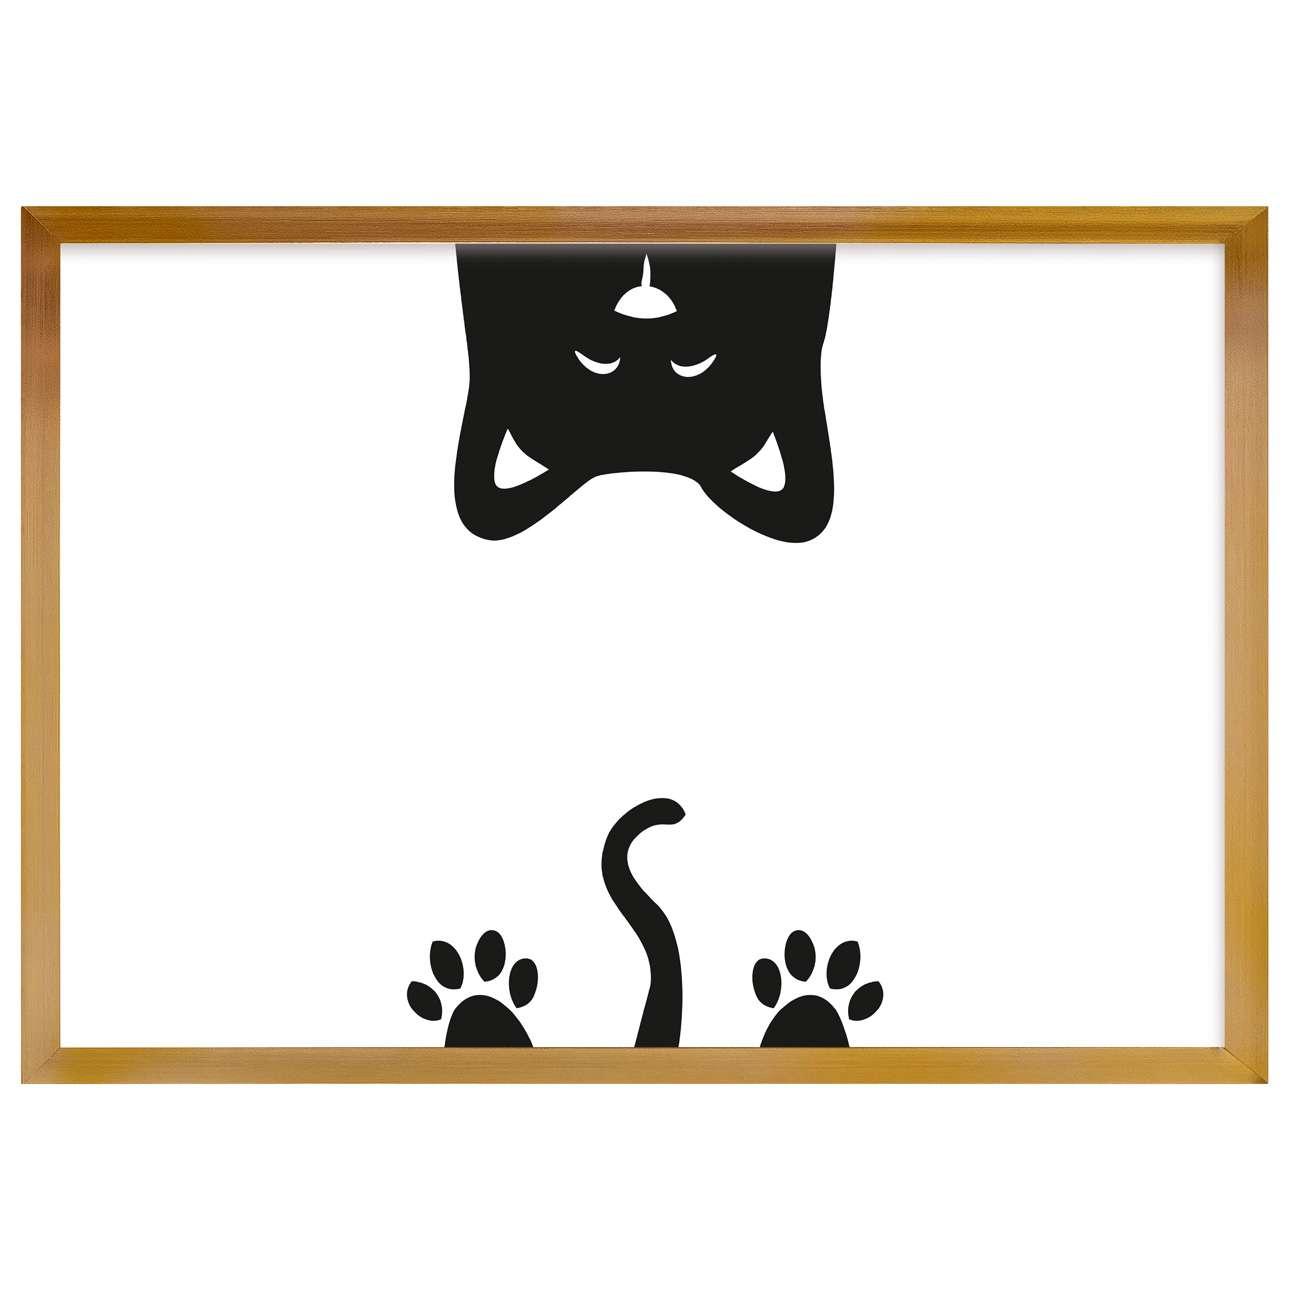 Obrazek Funny Band cat 21x30cm